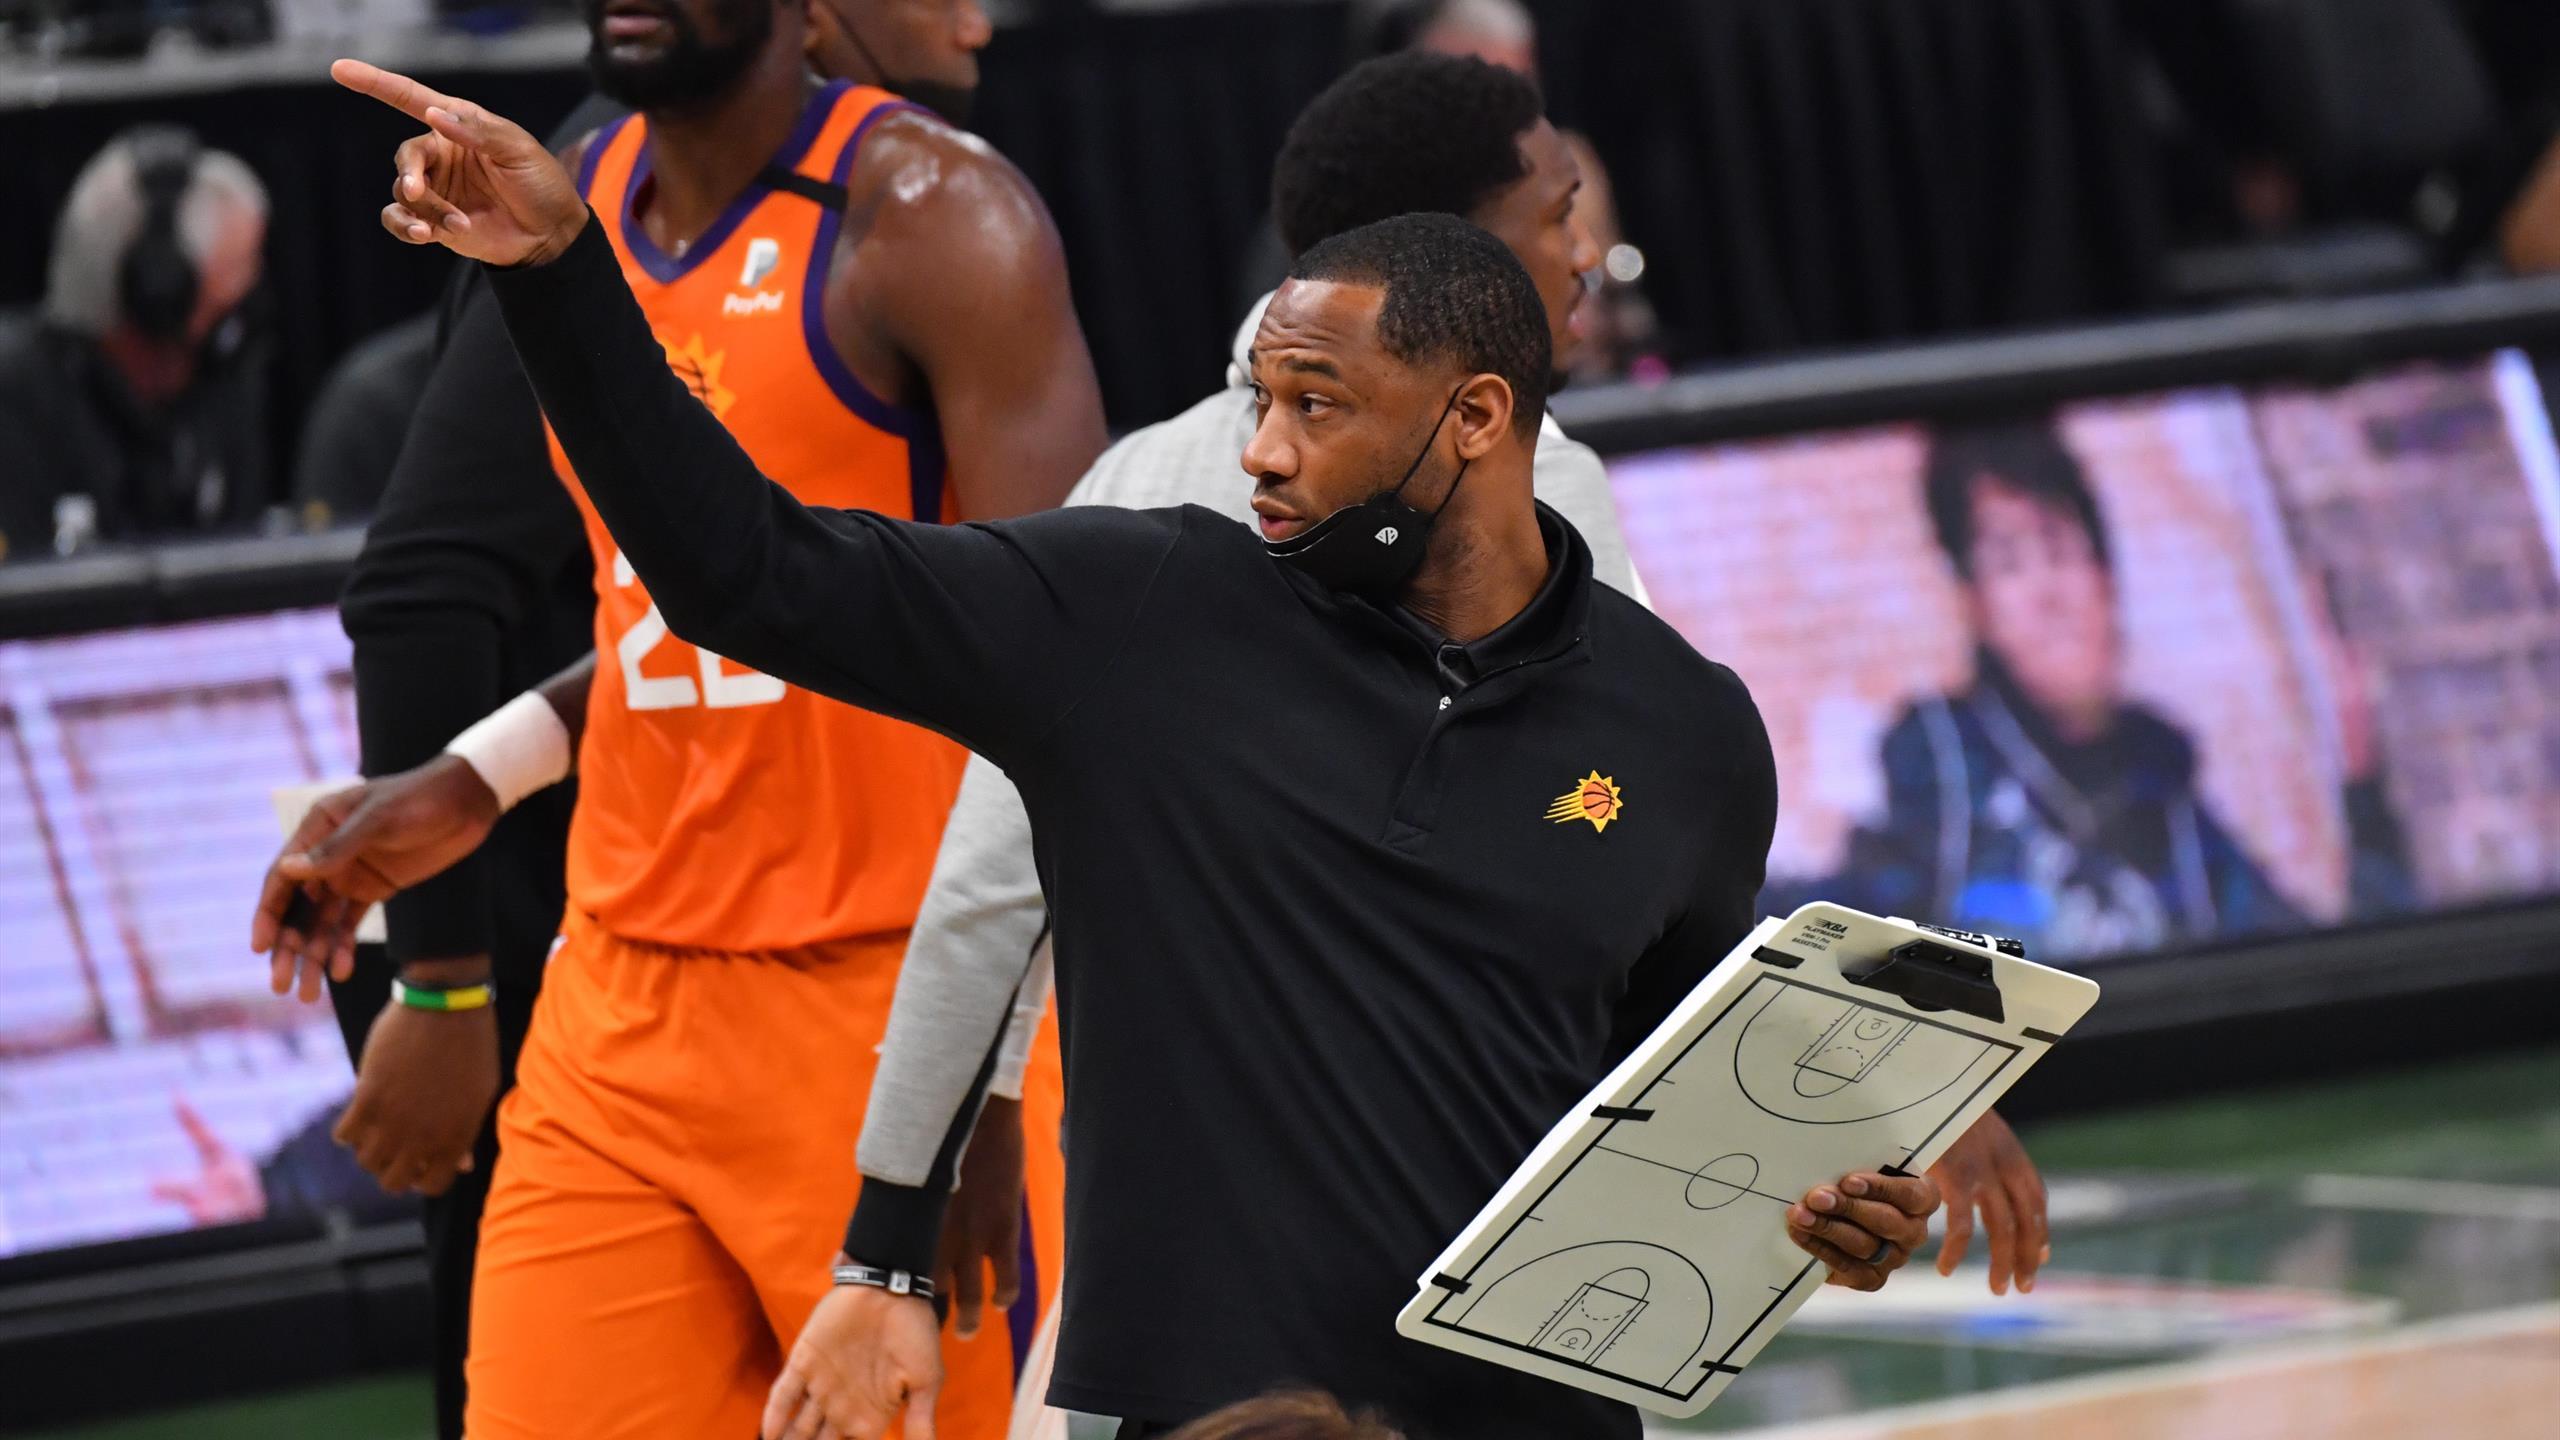 Willie Green, nouvel entraîneur des Pelicans